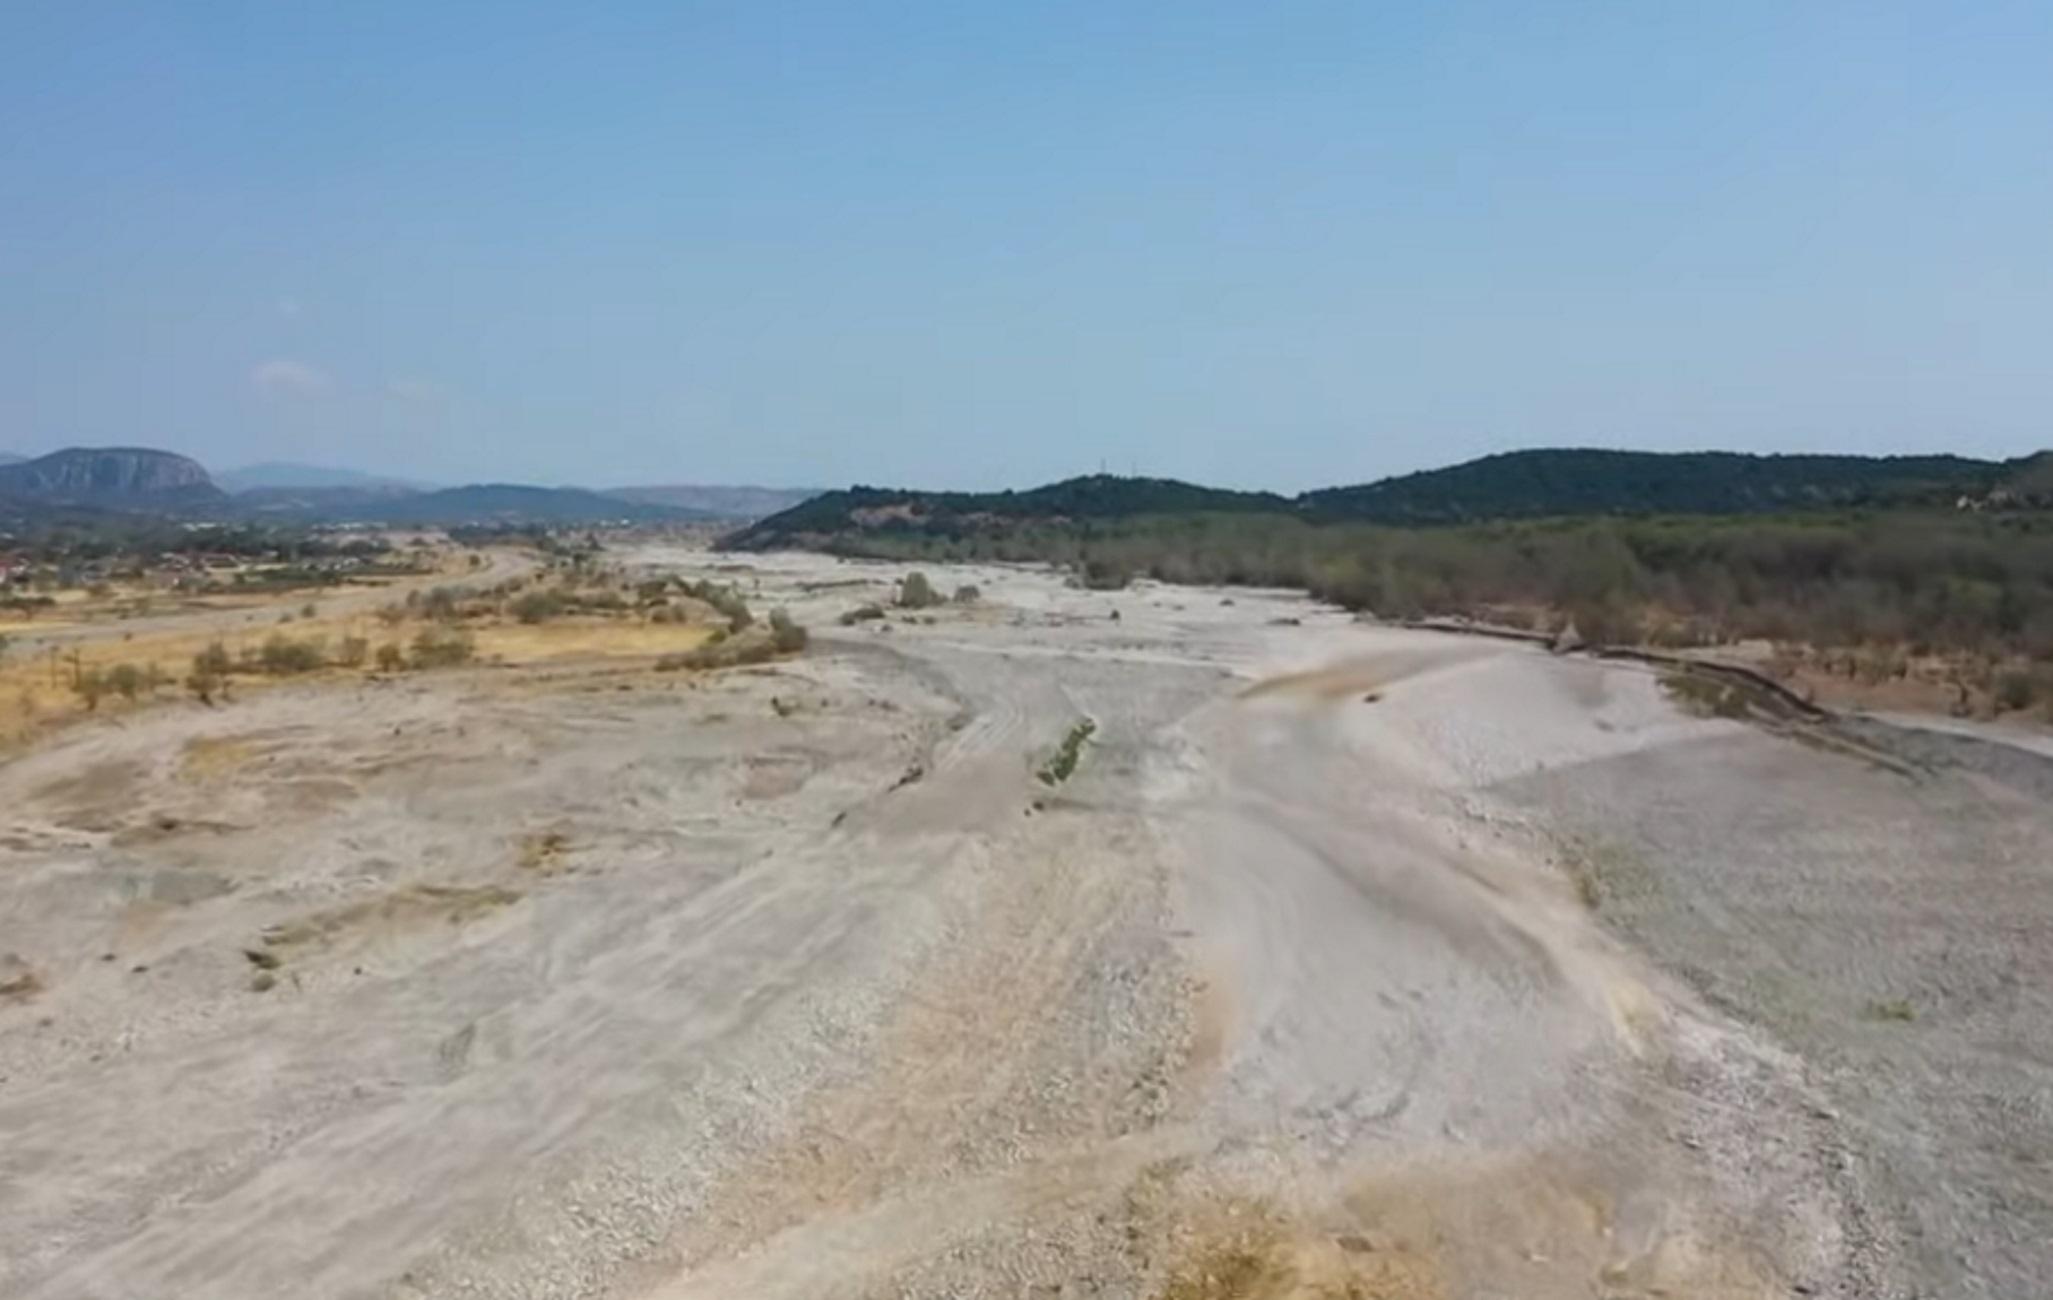 Πηνειός: Μια απέραντη έρημος – Νέες εικόνες από drone δείχνουν την κατάσταση που έχει διαμορφωθεί